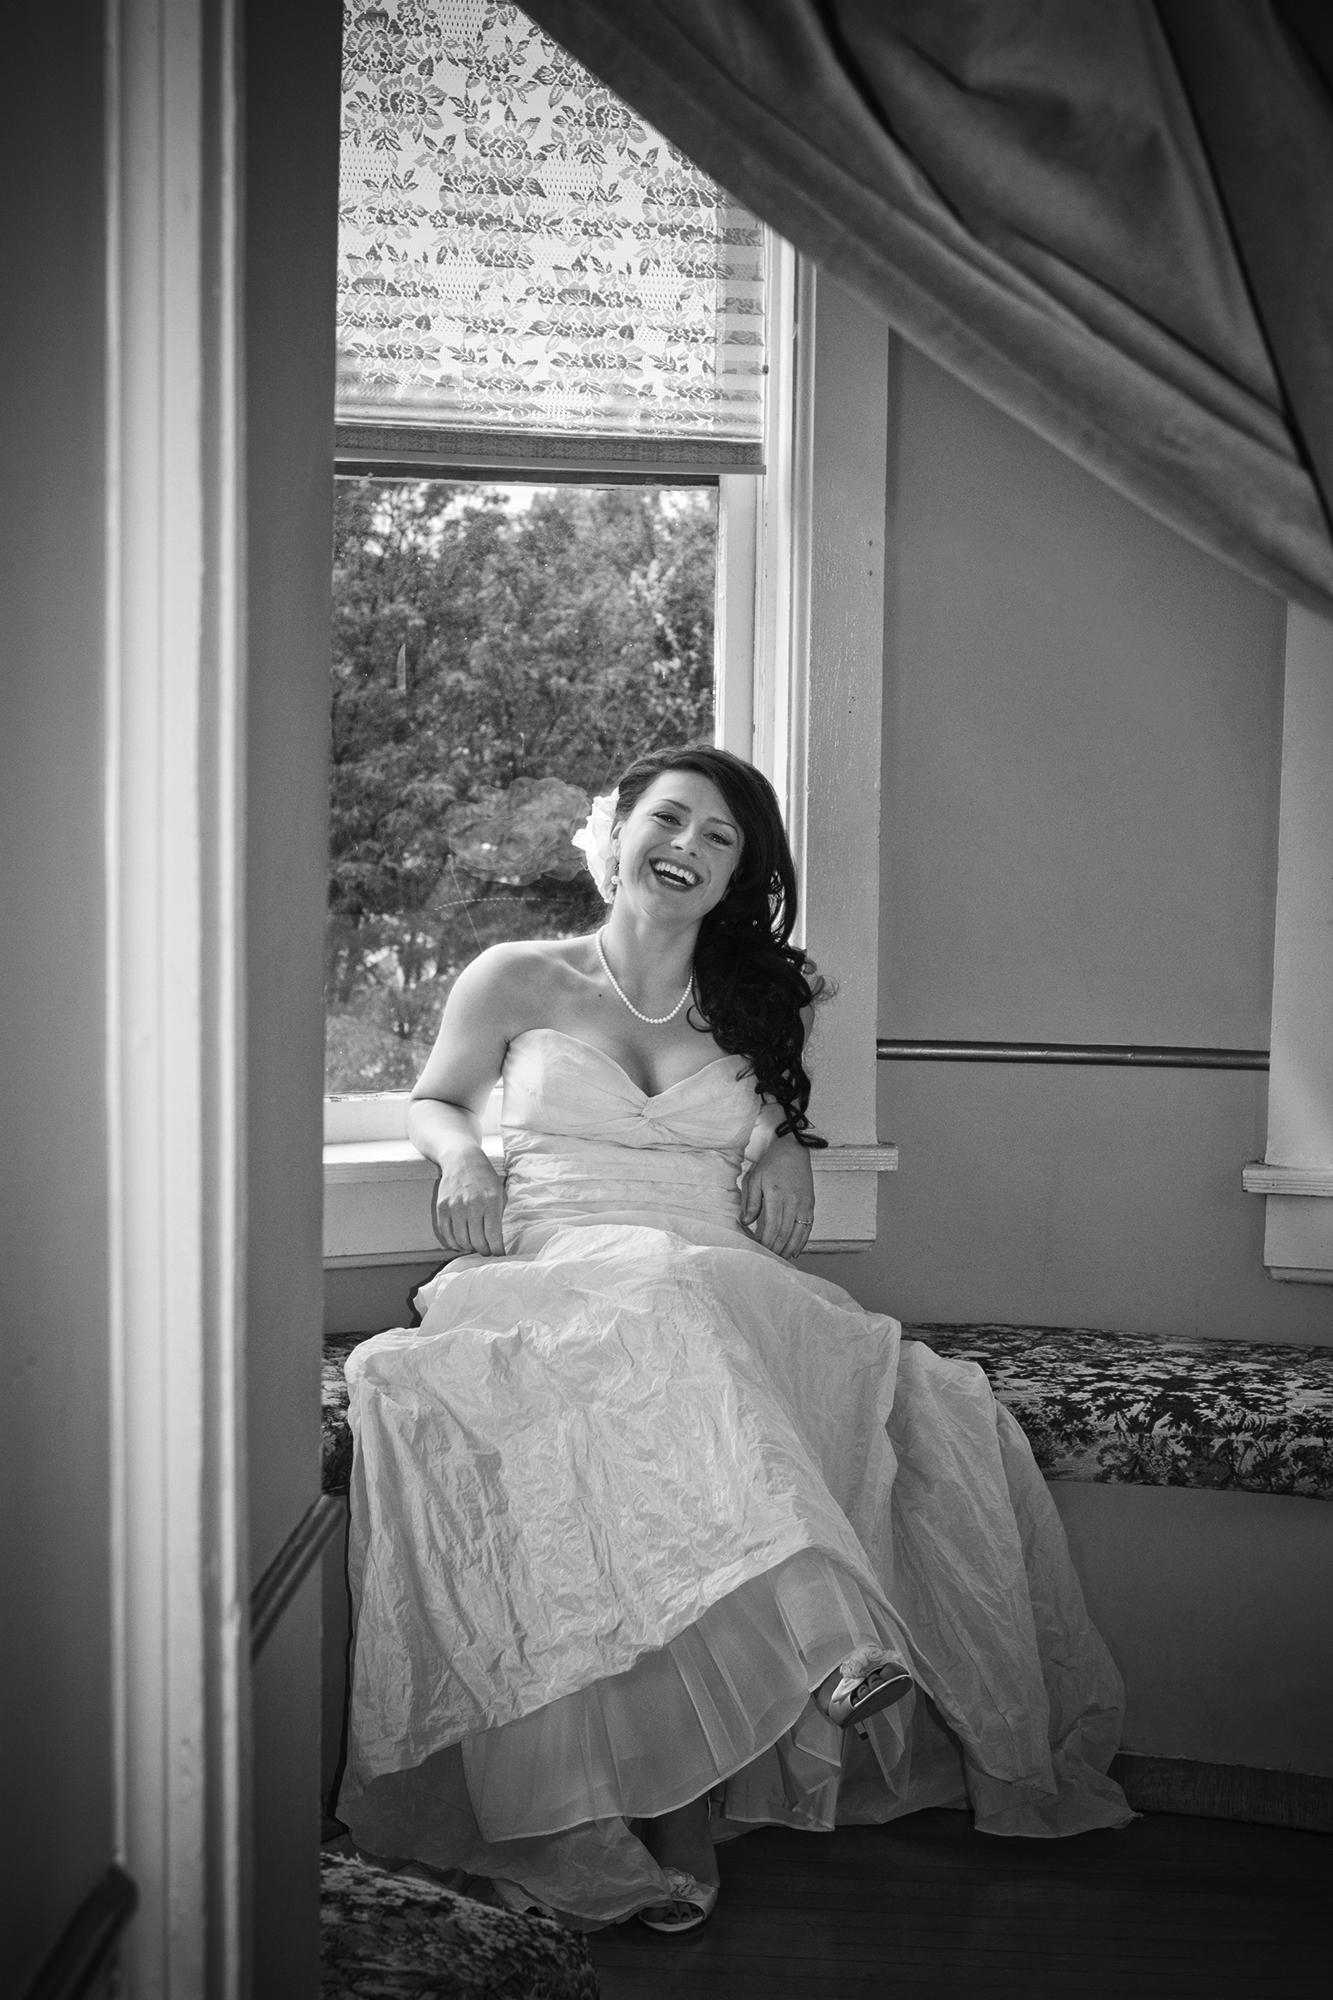 Bride portrait during a wedding in Denver Colorado